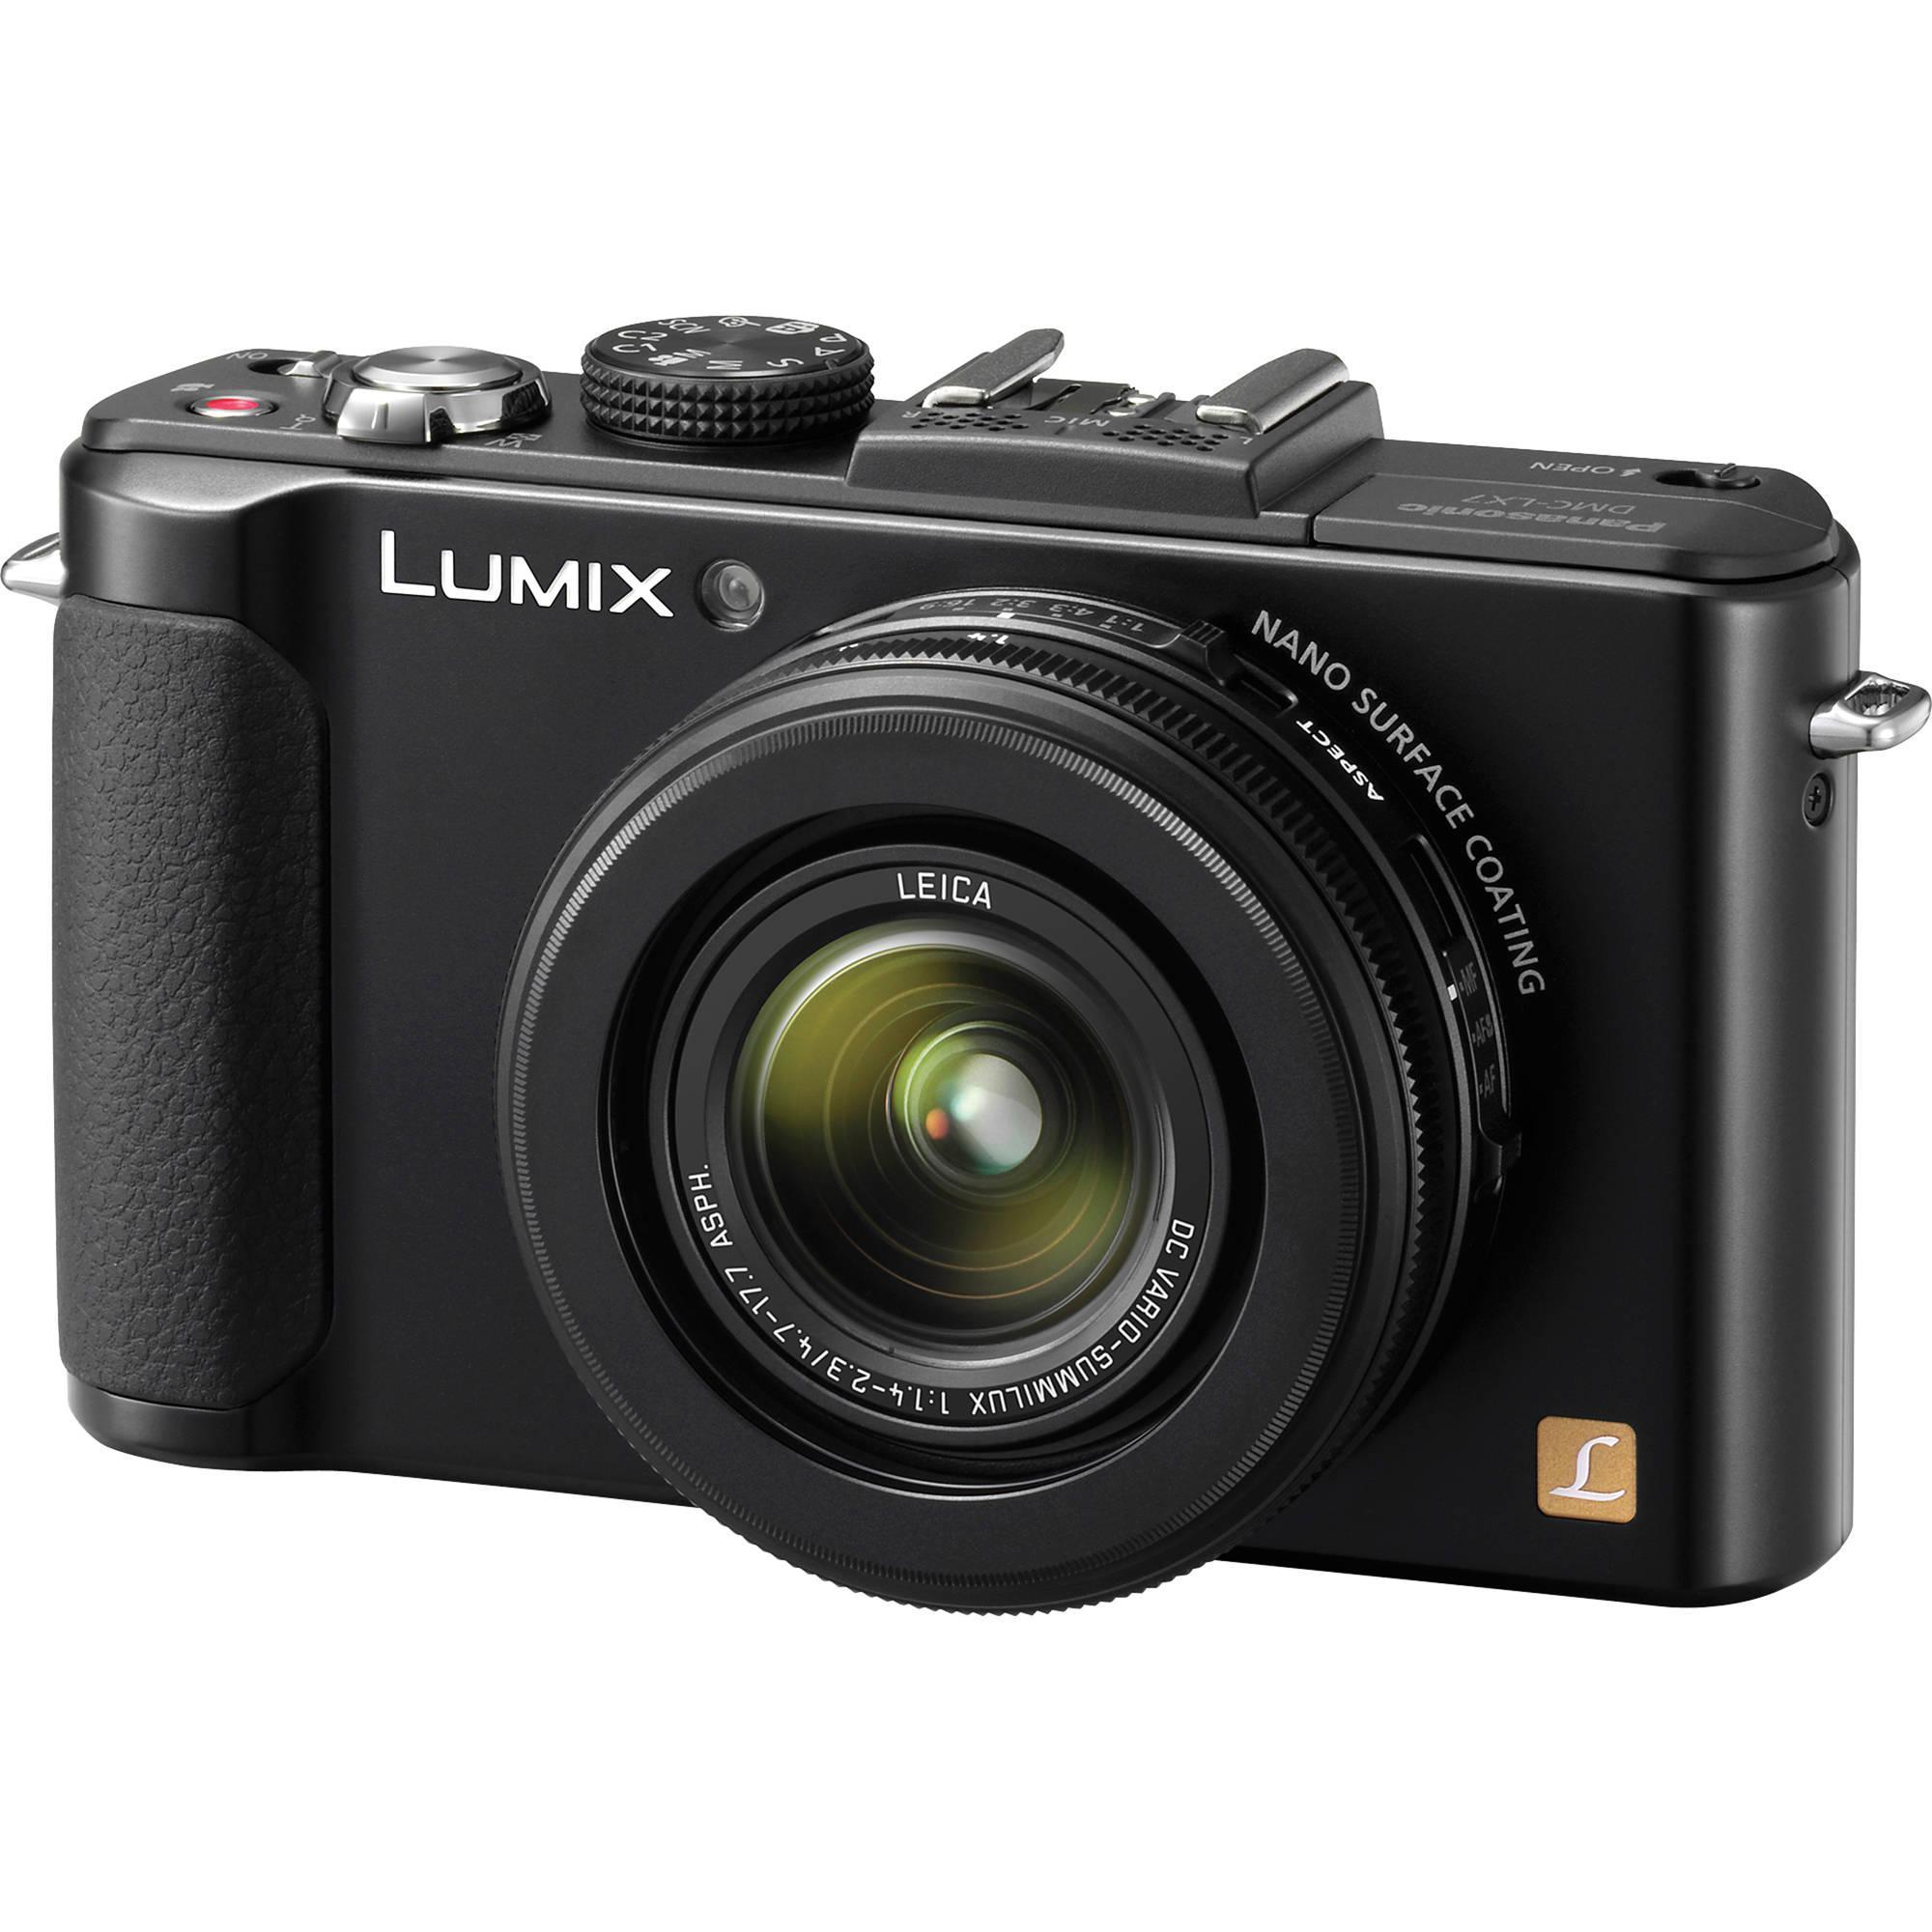 [Offre adhérents] Appareil photo numérique compact Panasonic Lumix DMC-LX7